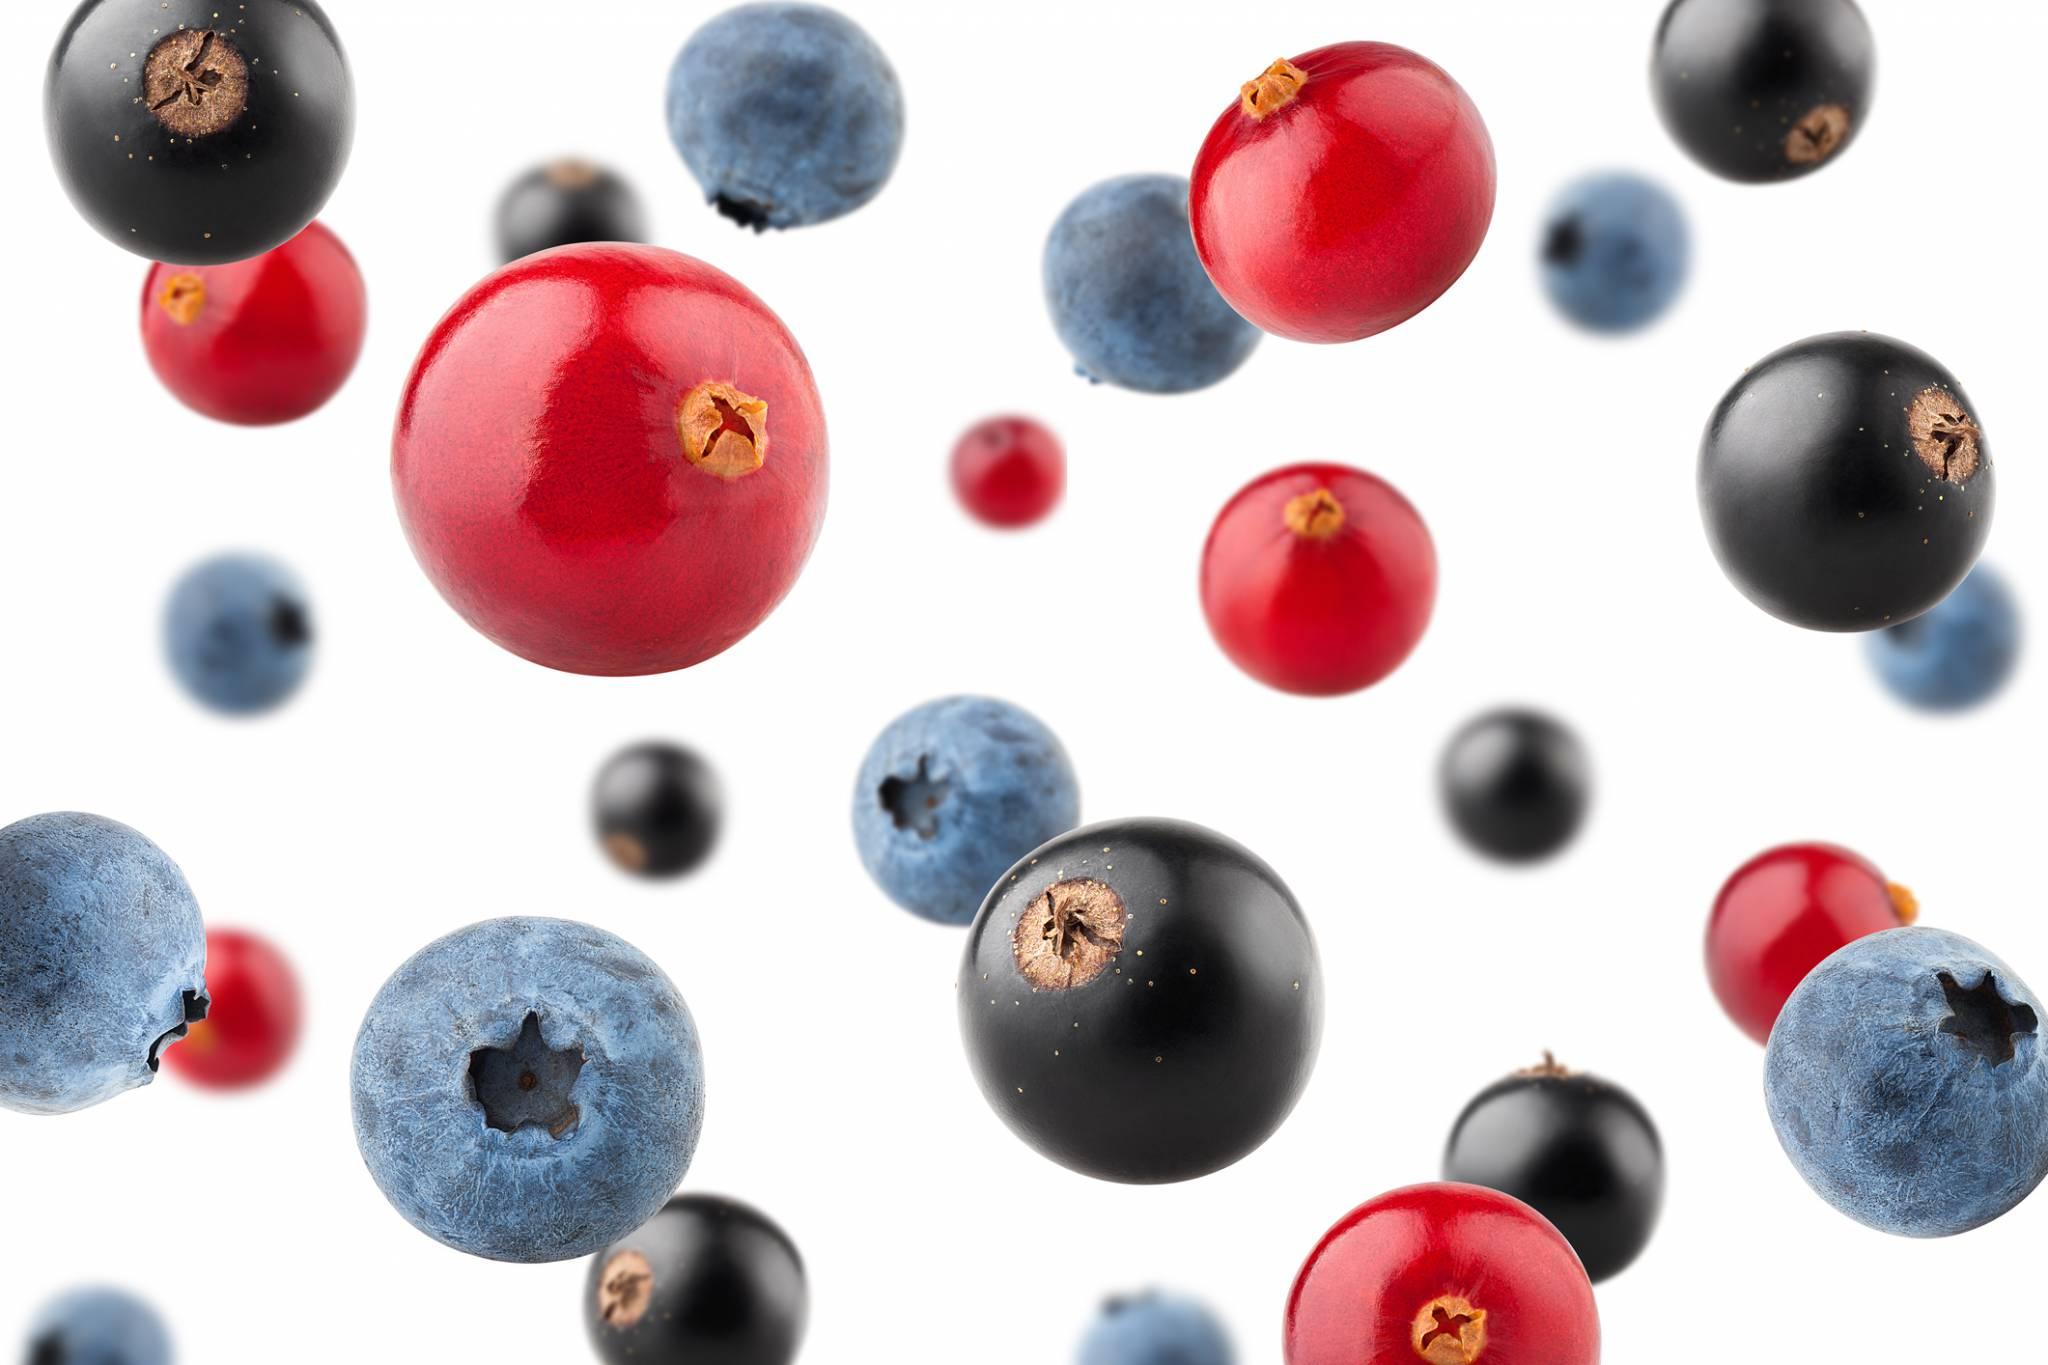 Jedzcie owoce na zdrowie i dobry nastrój - zachęca Katarzyna Błażejewska-Stuh